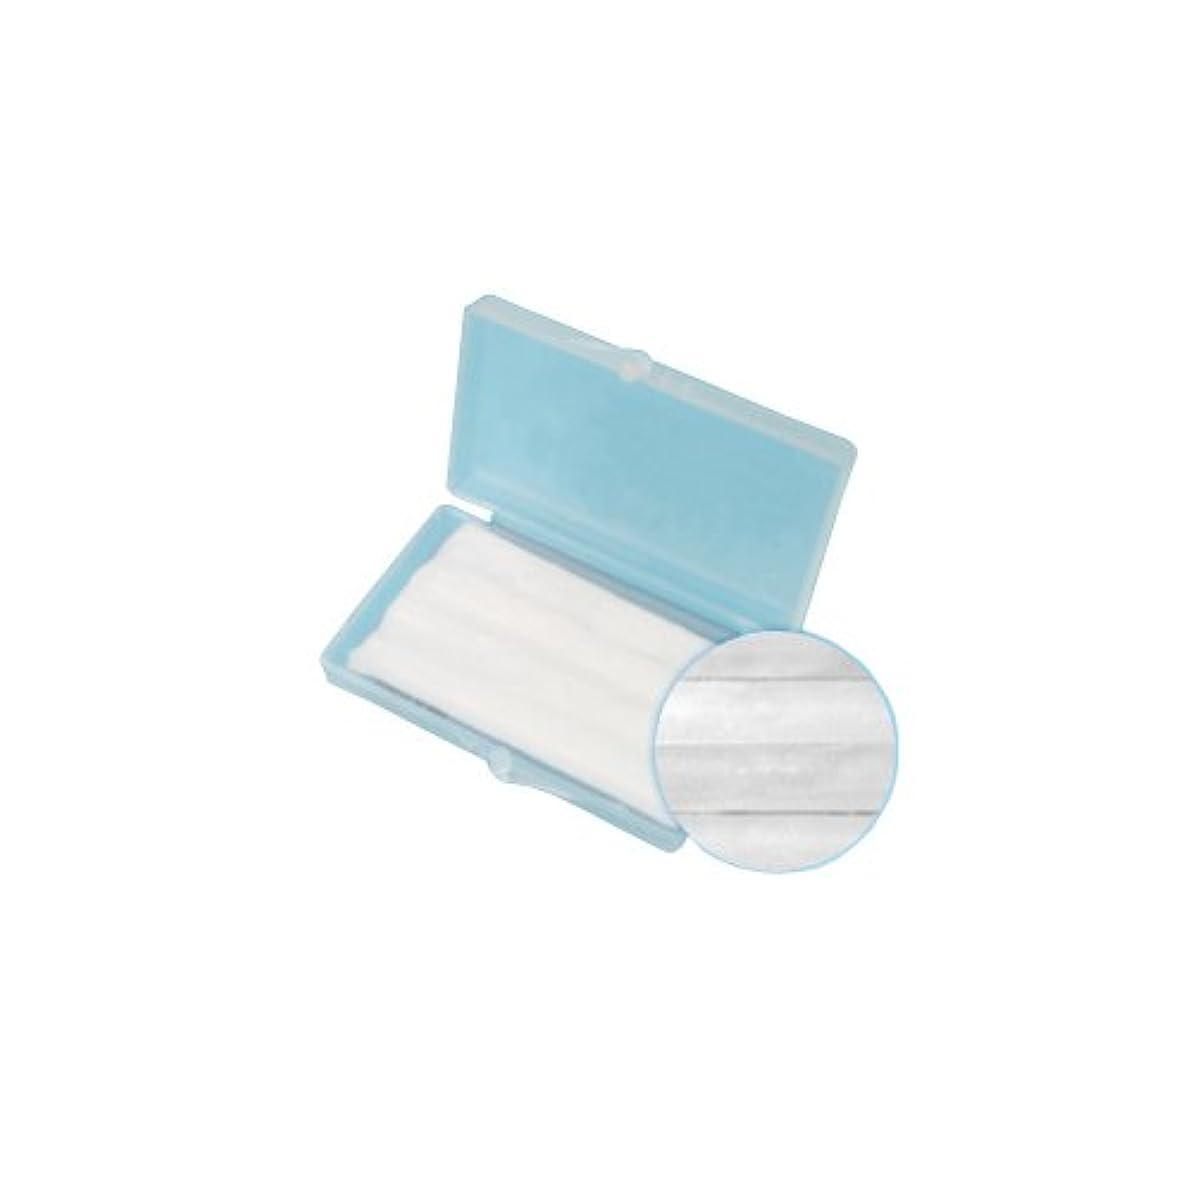 息切れ寺院バスルーム携帯用 ケース付 矯正用 ワックス 5cm 4本入